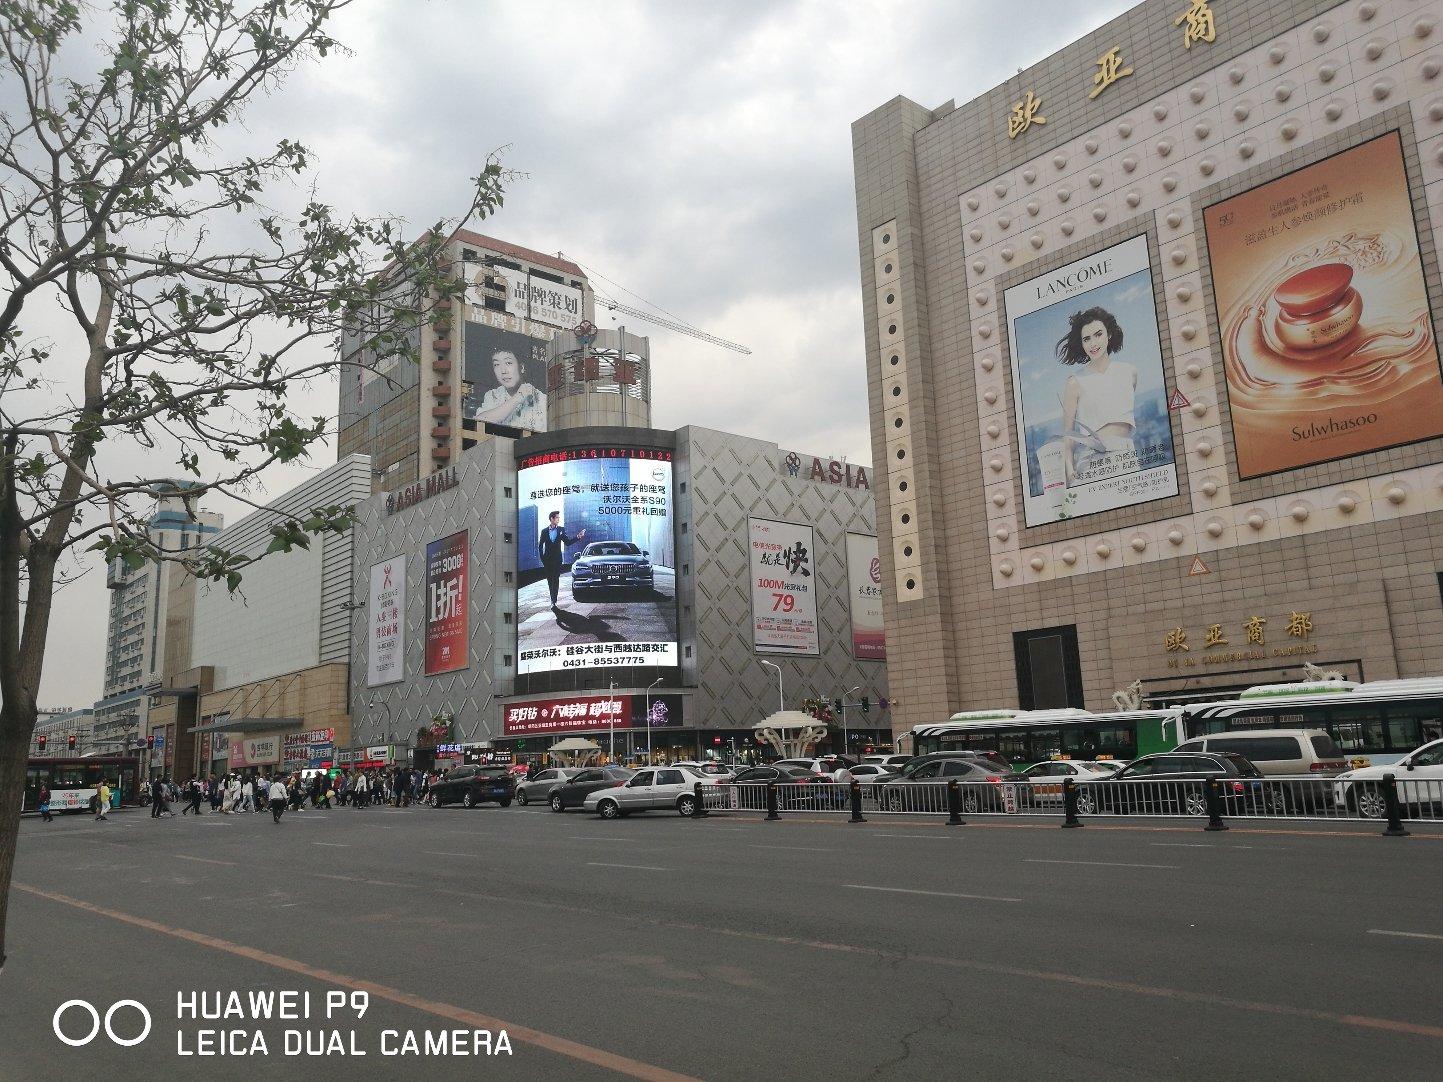 吉林省长春市朝阳区工农大路靠近欧亚商都(红旗街)天气预报图片